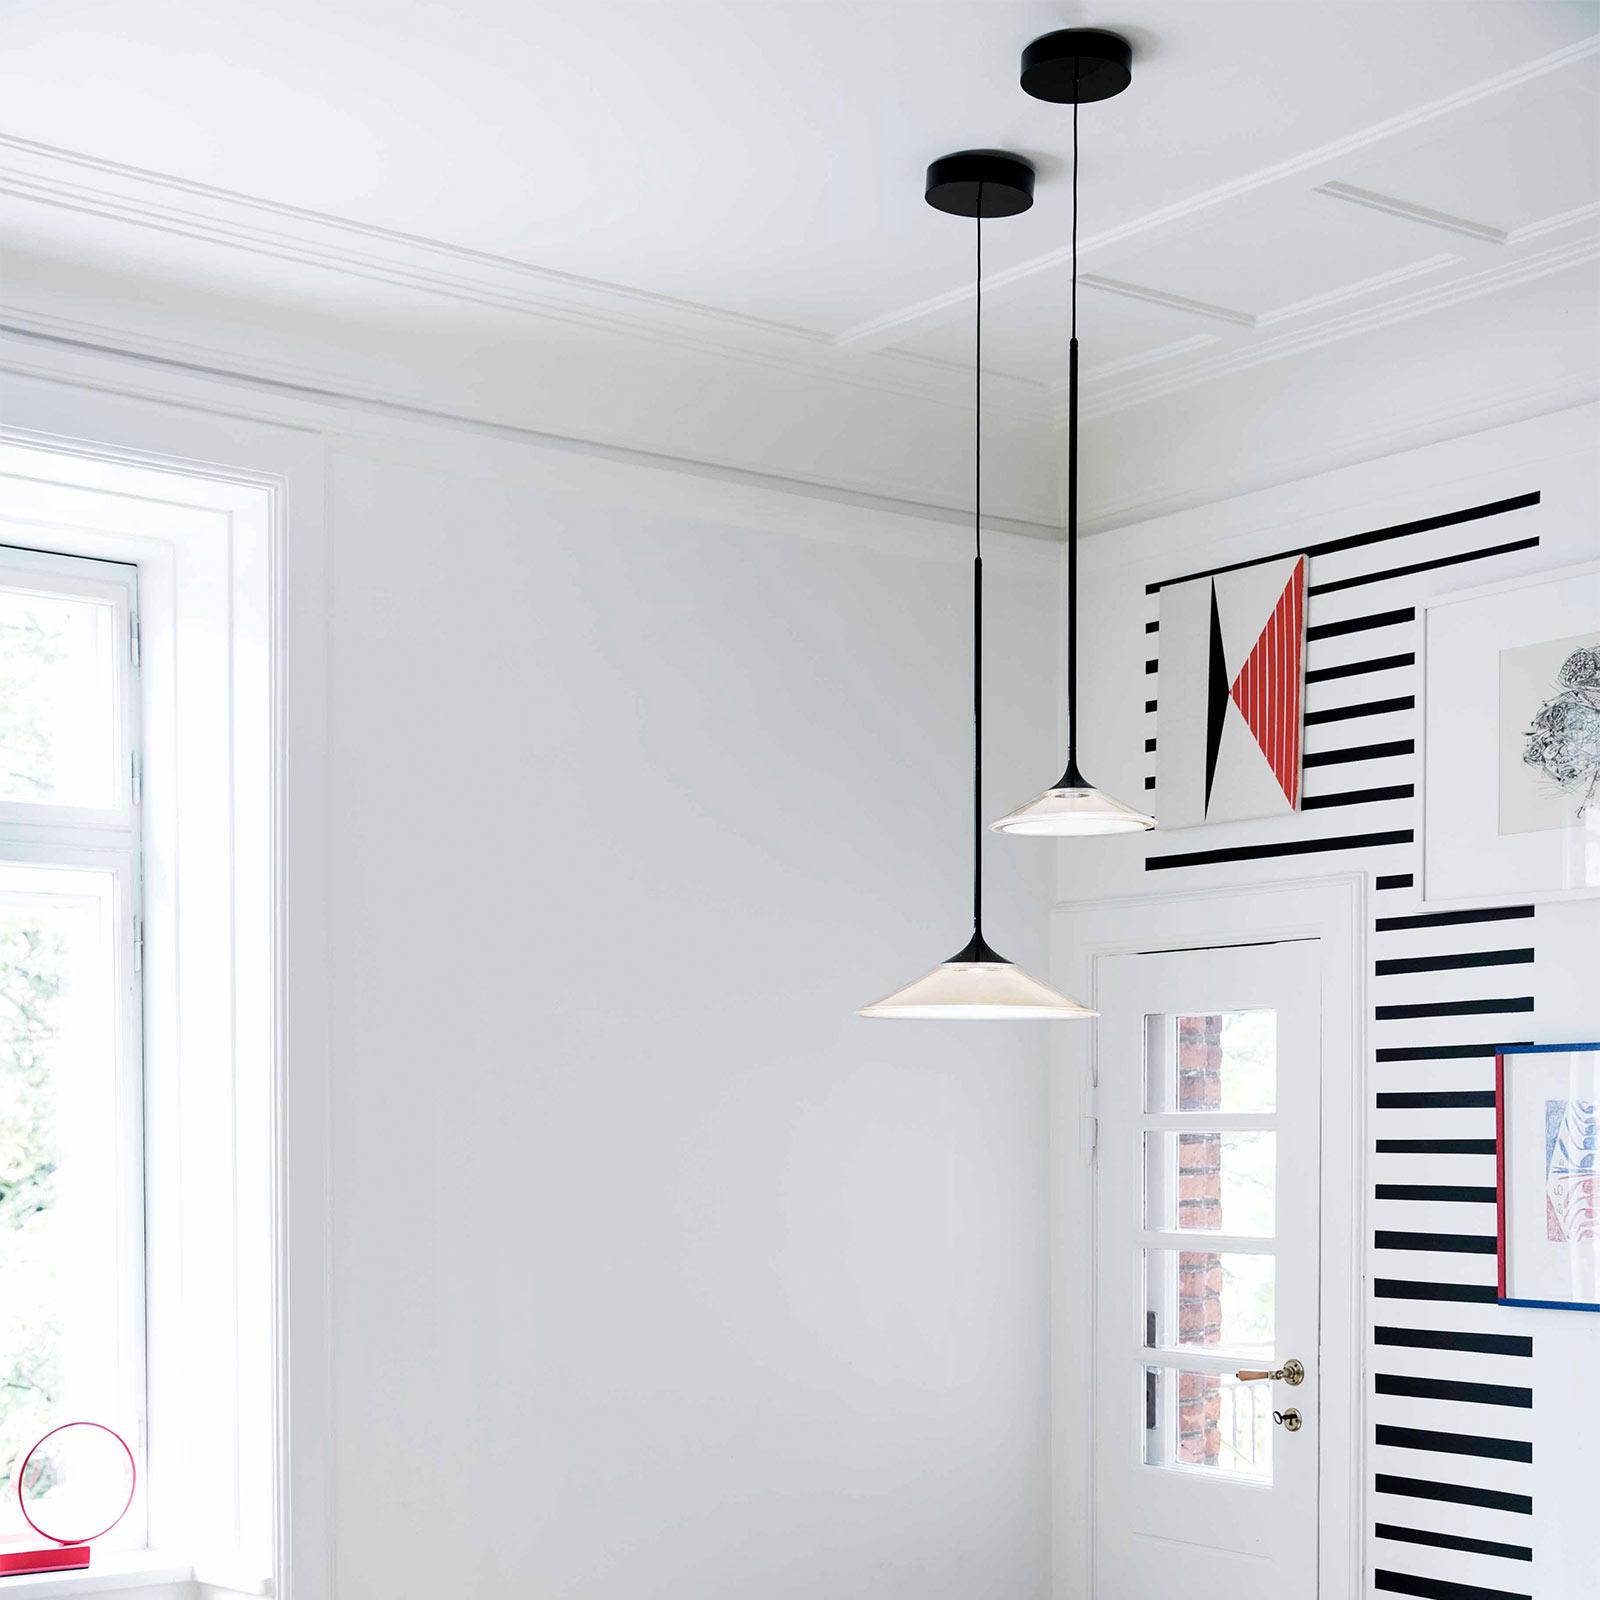 Artemide Orsa 35 LED-Pendelleuchte